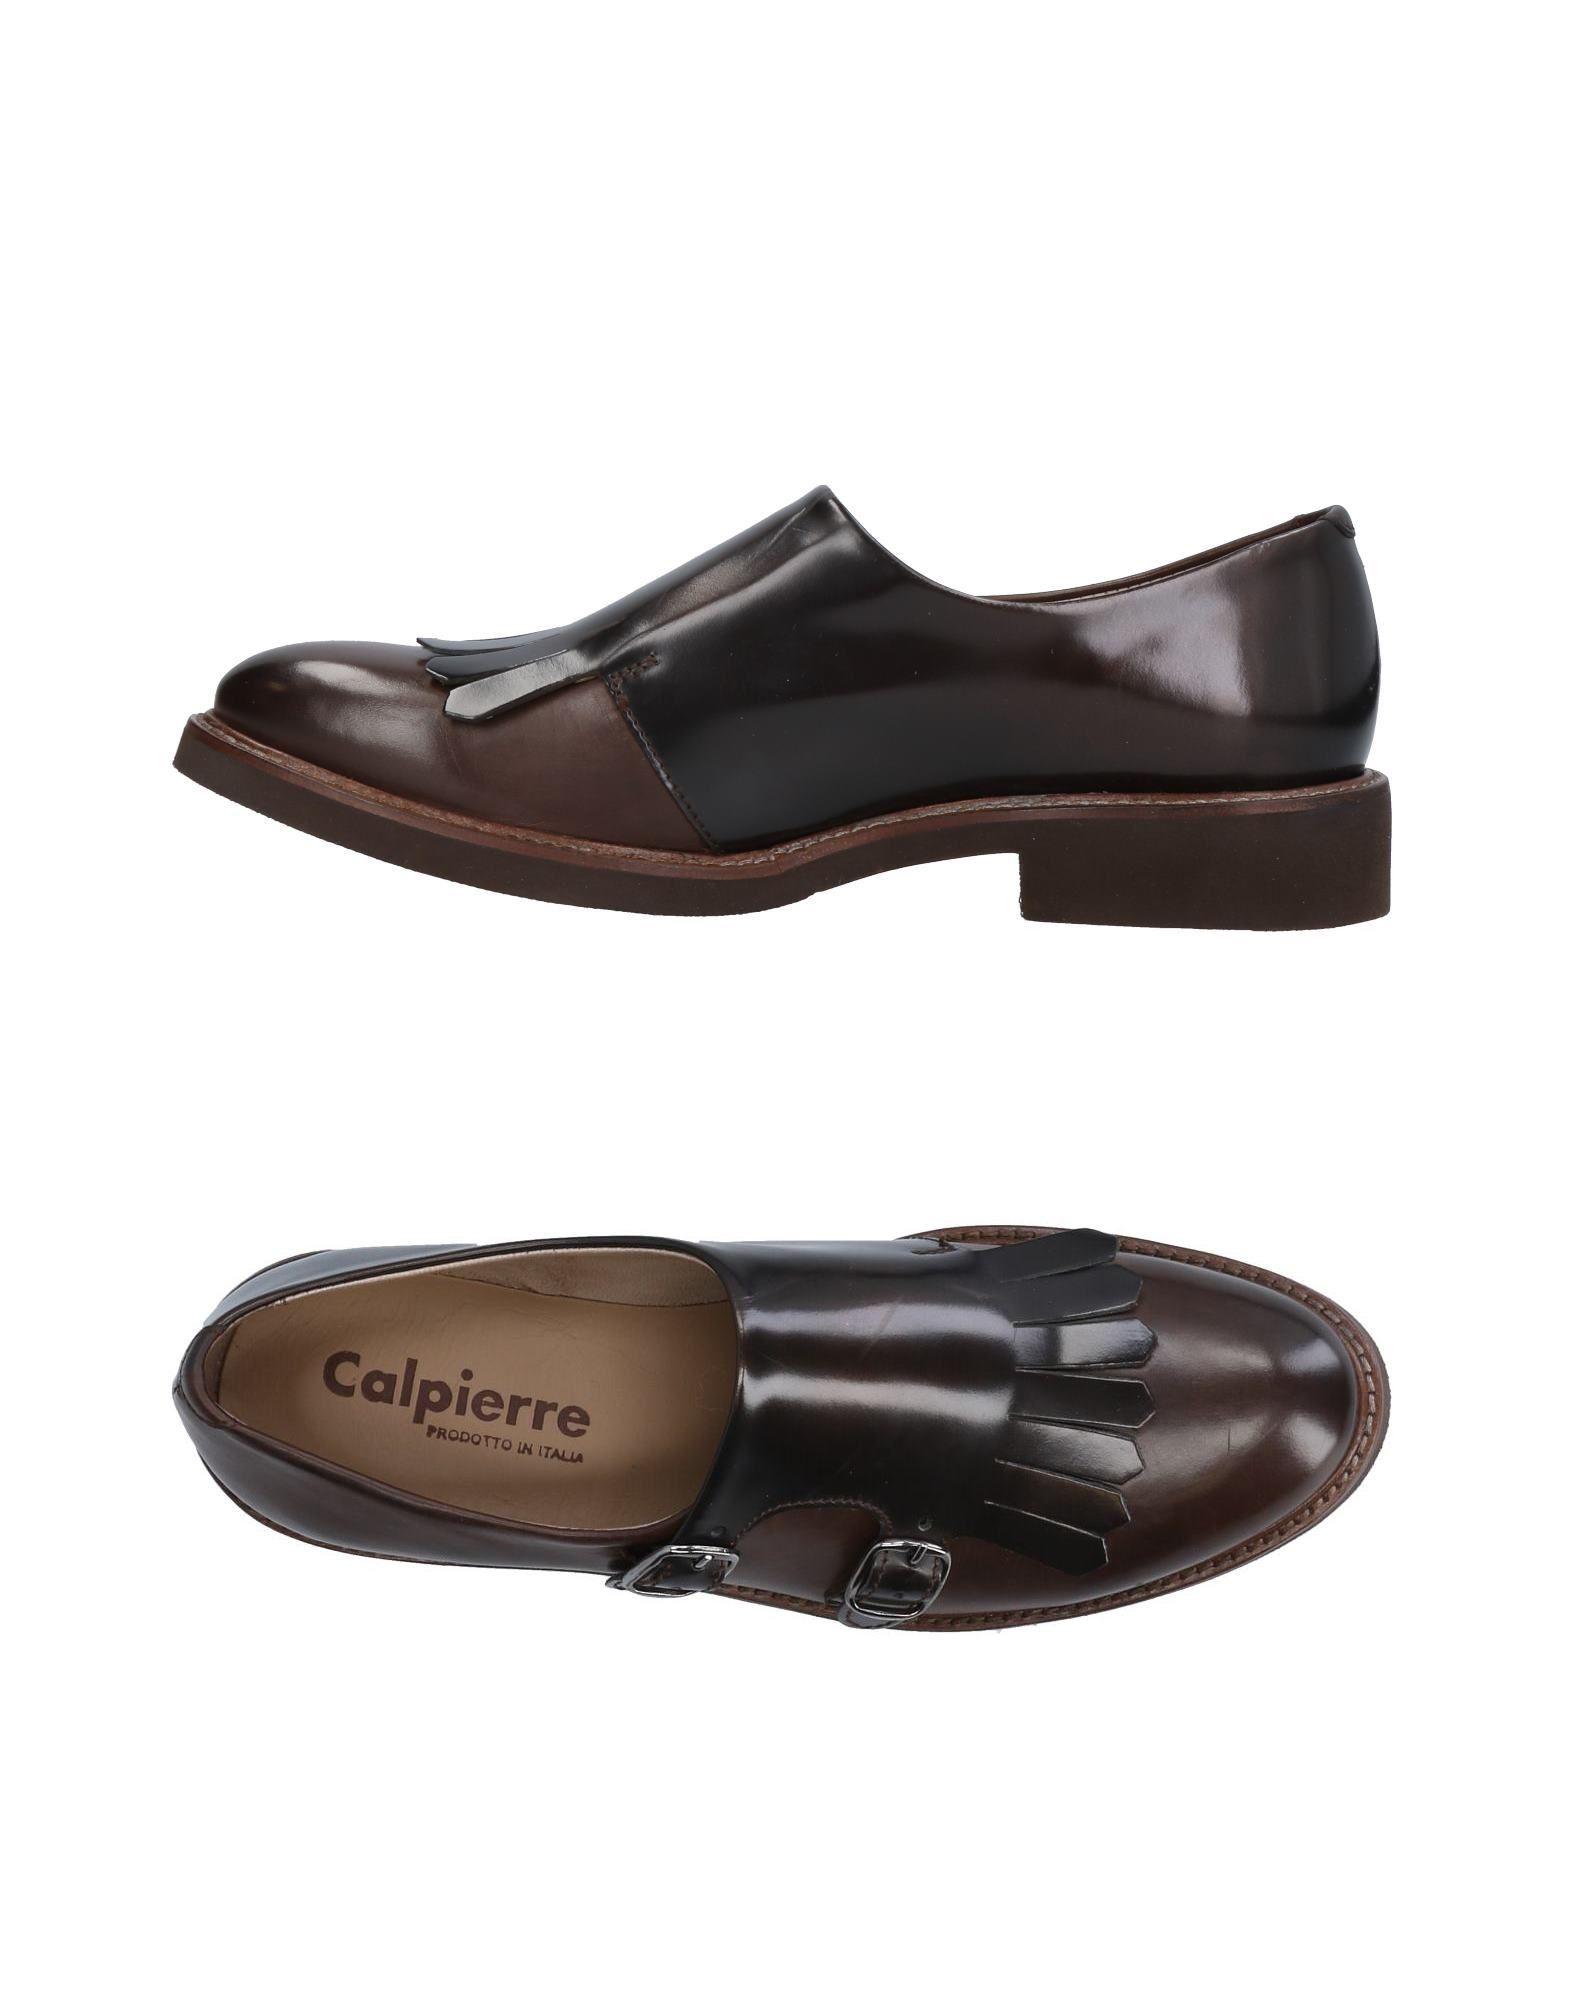 Calpierre Mokassins Damen  11459145UK 11459145UK 11459145UK Gute Qualität beliebte Schuhe 03d73c